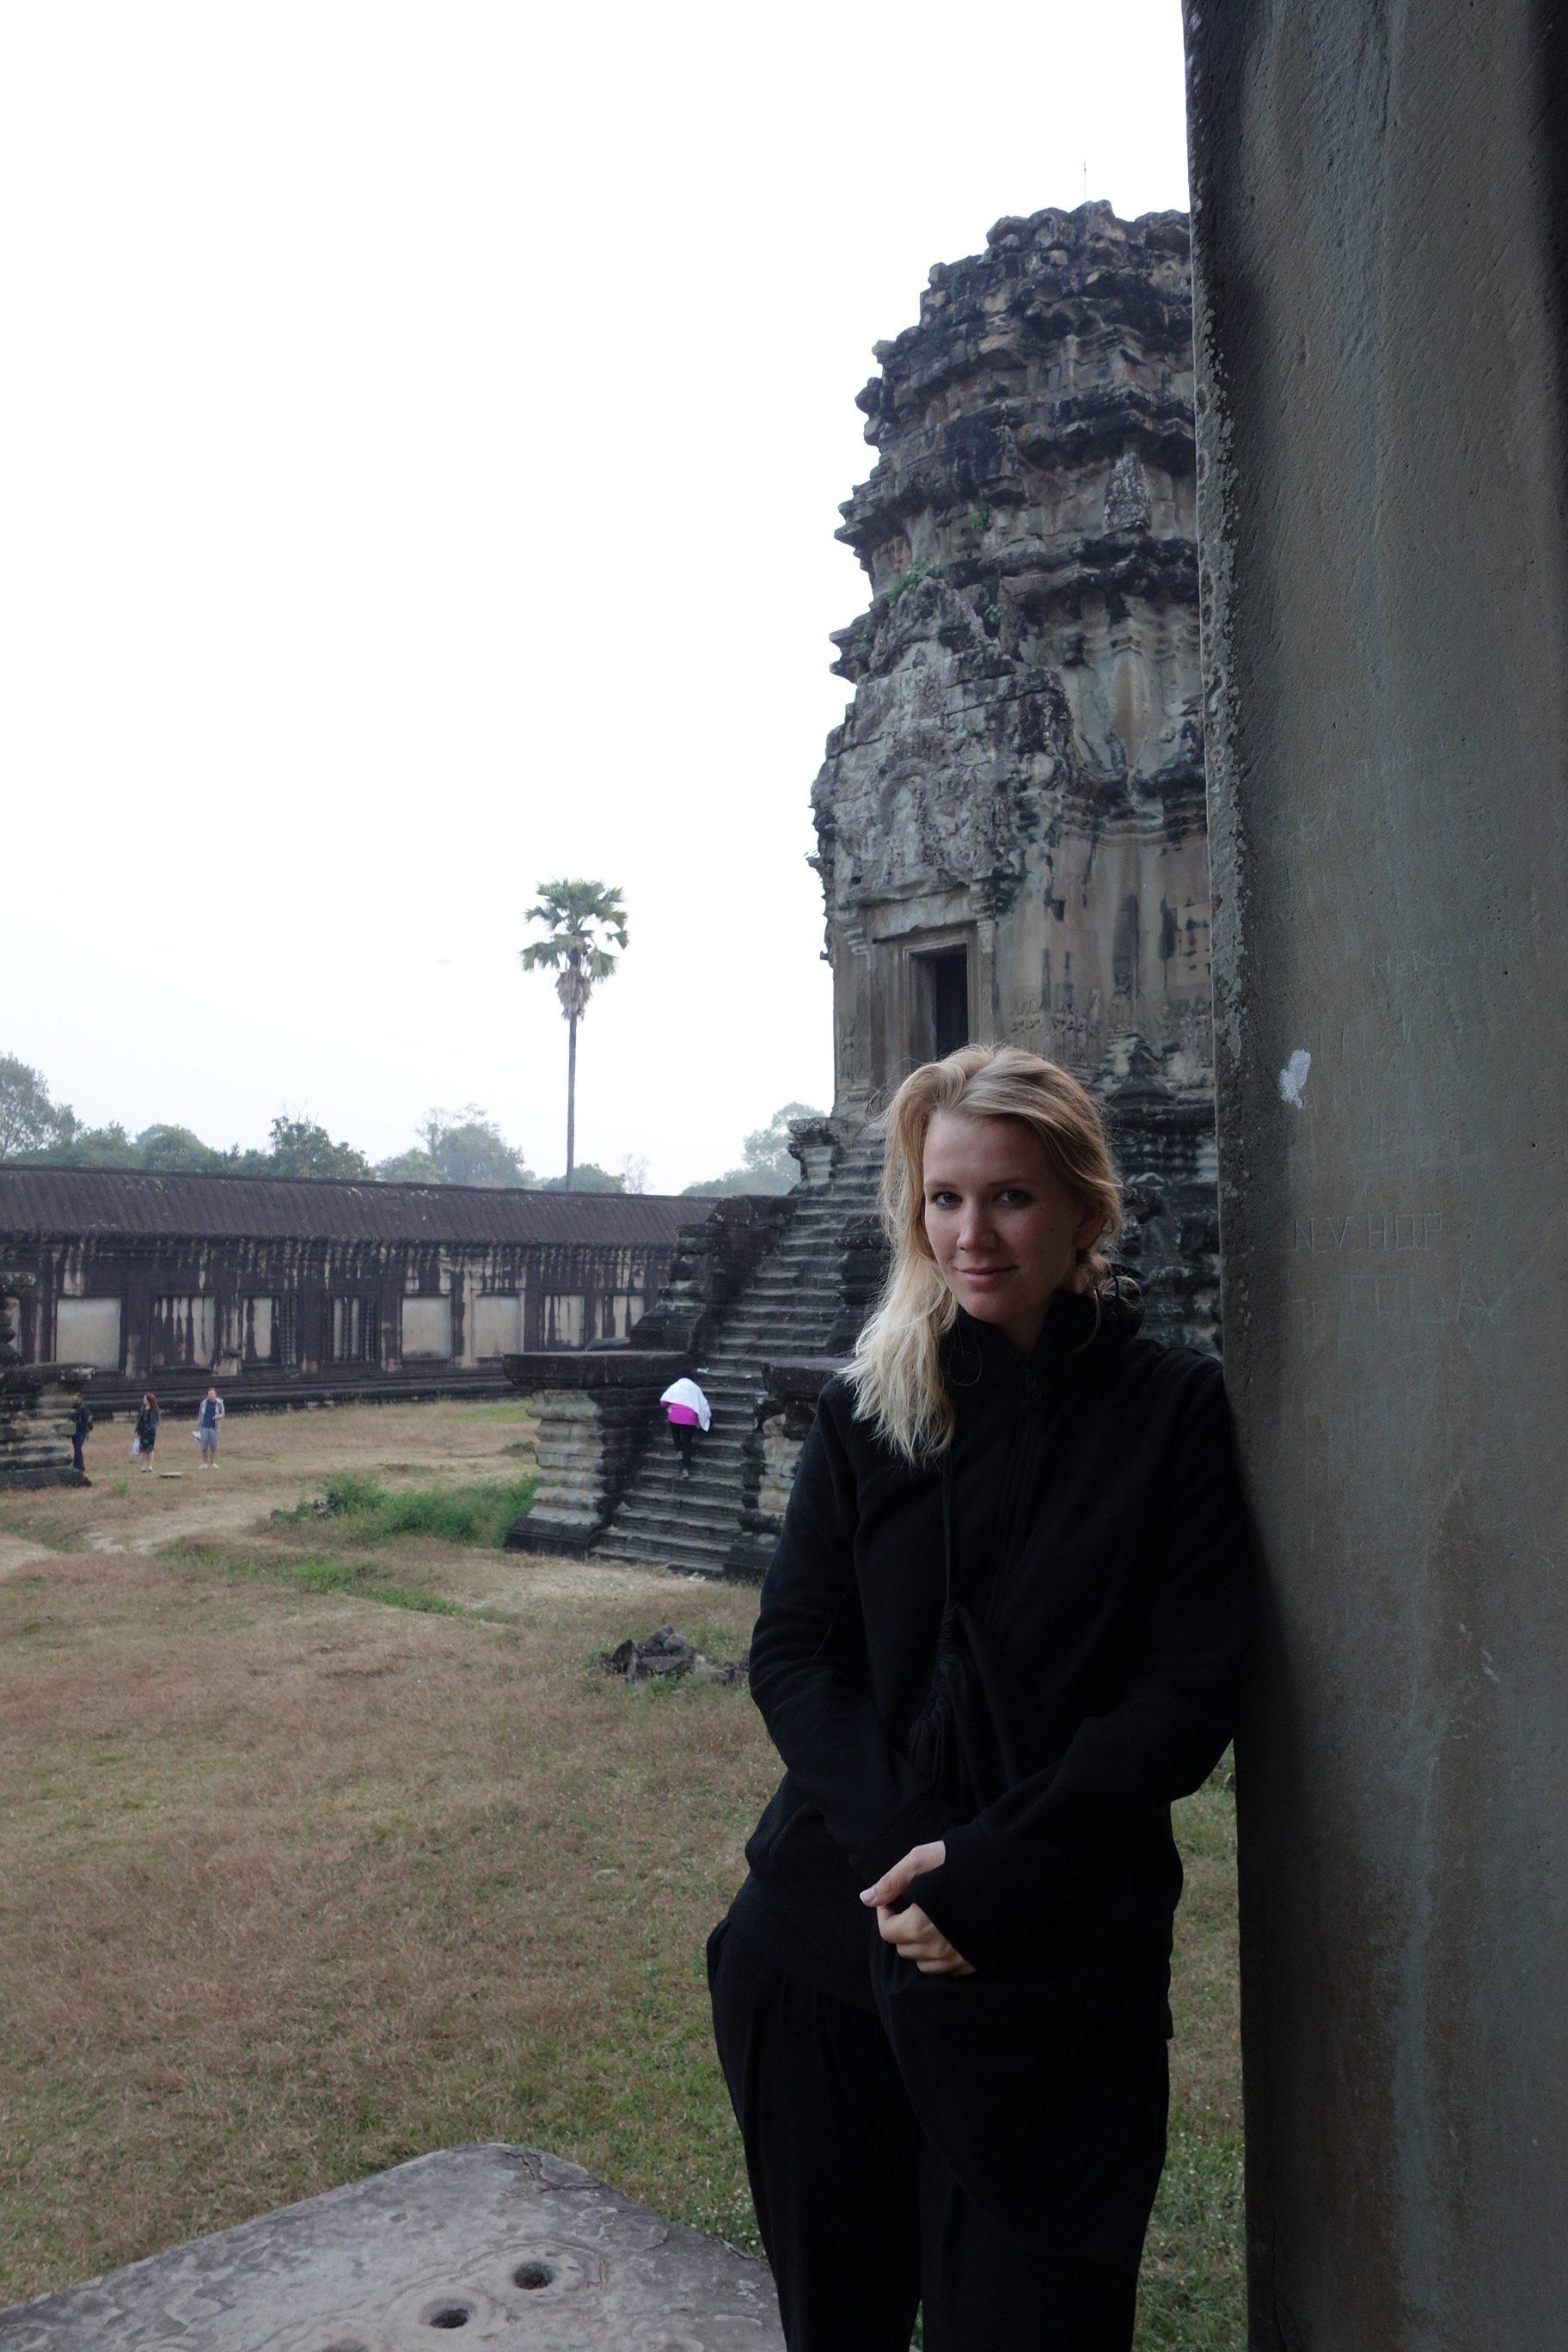 Maren in Ankor Wat